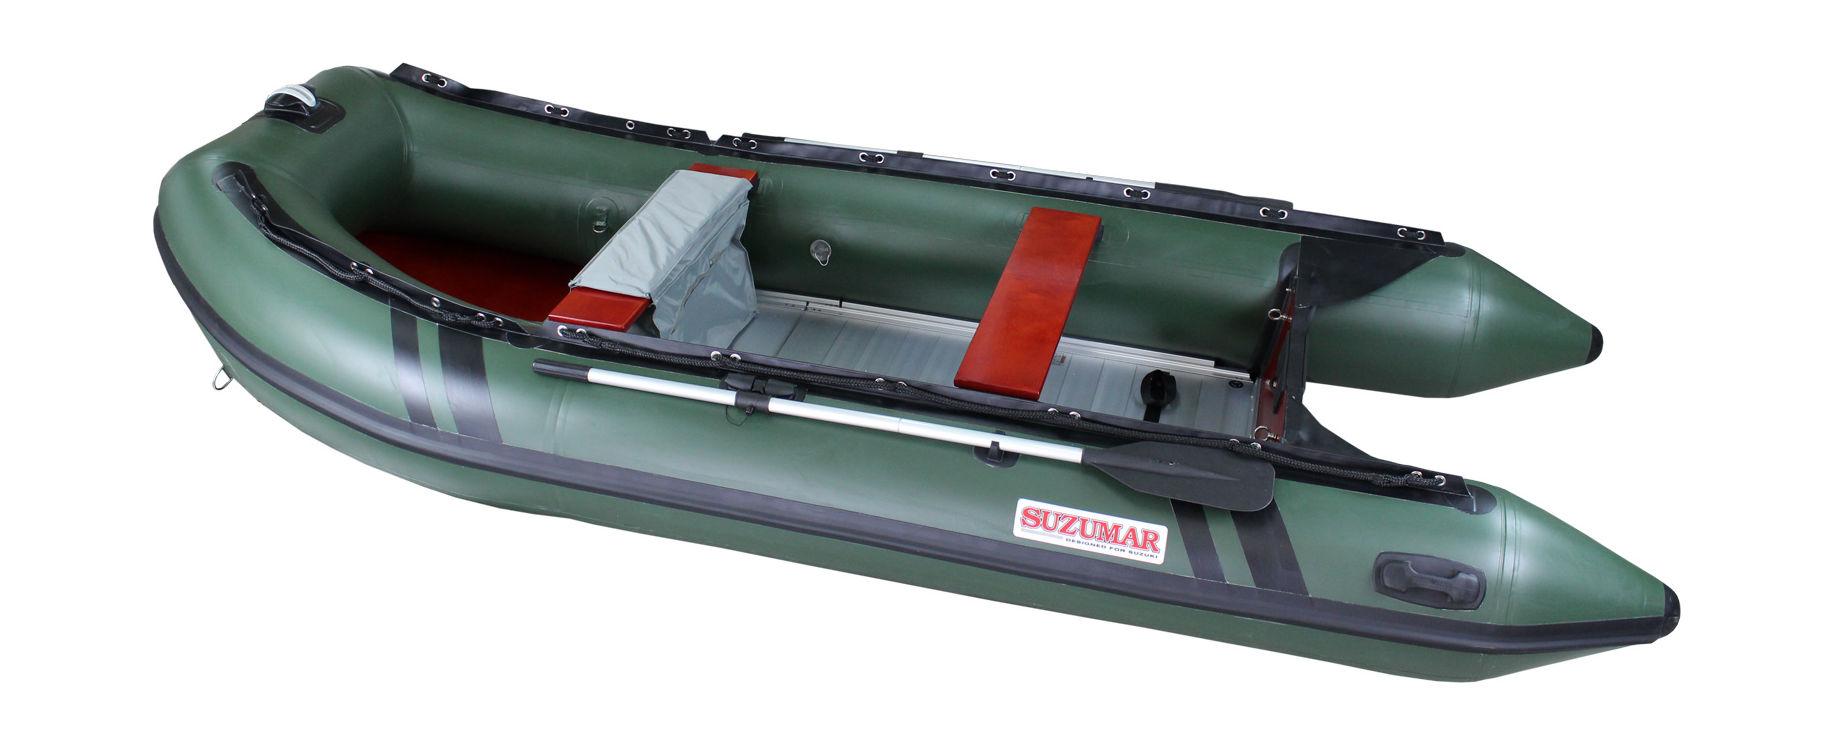 лодки пвх корея под мотор каталог и цены